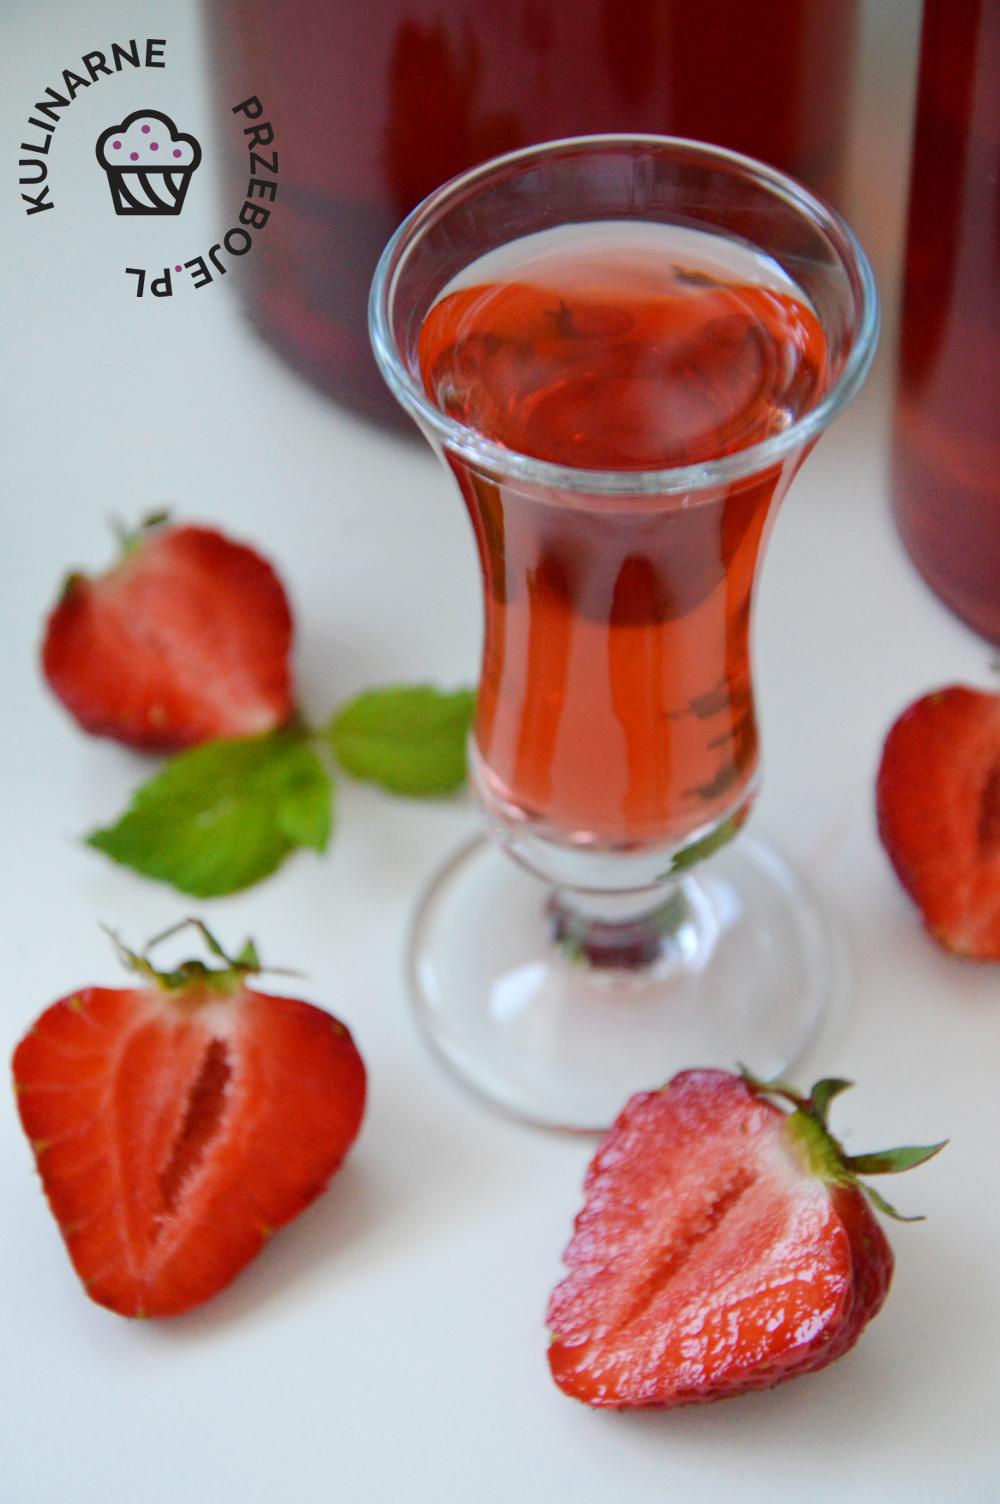 nalewka z truskawek na wódce i spirytusie